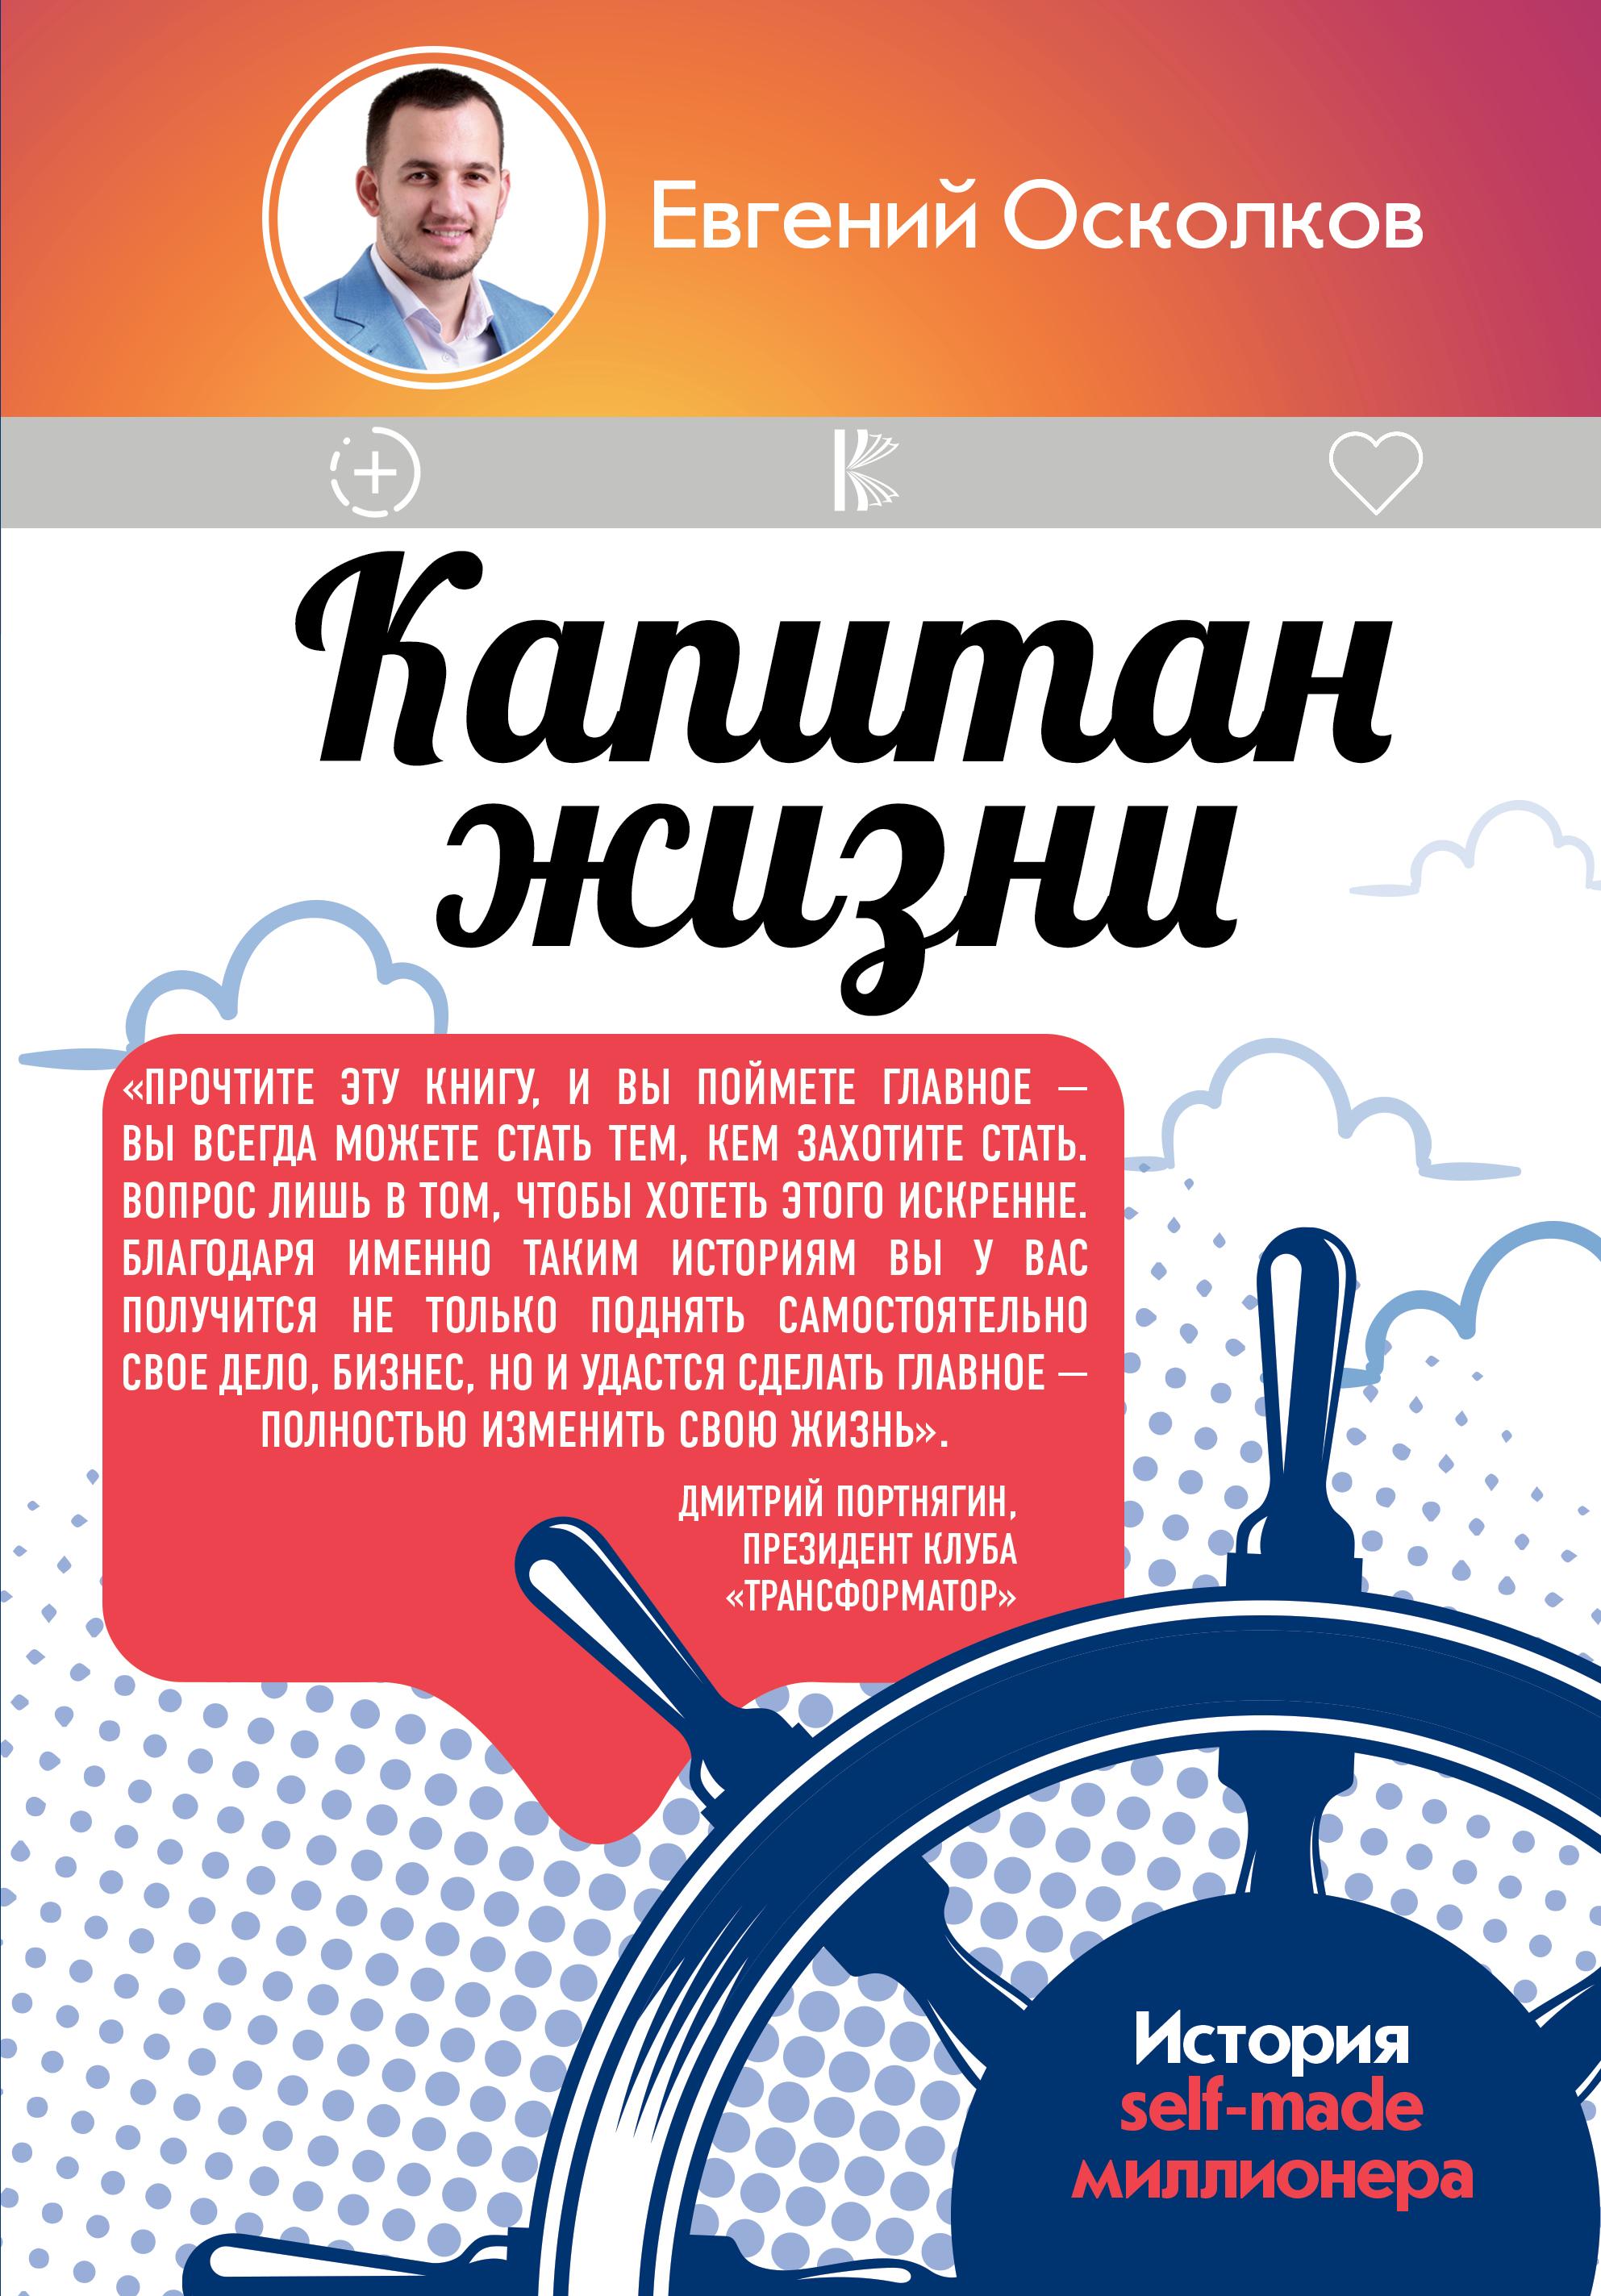 Евгений Осколков Капитан жизни. История self-made миллионера, который встал у руля своего успеха